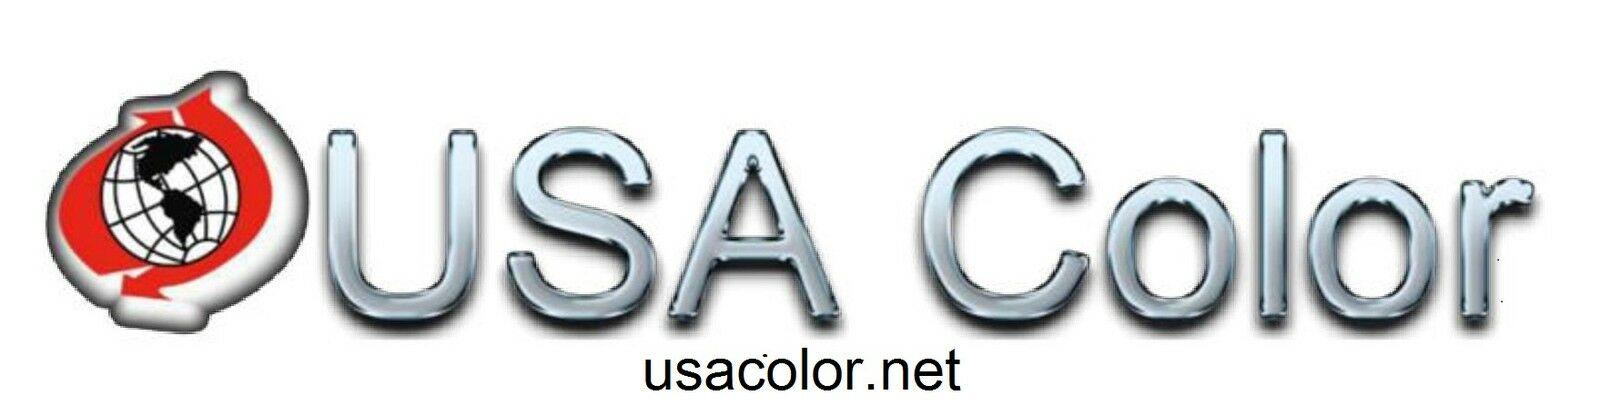 USA Minilab Parts and Supplies